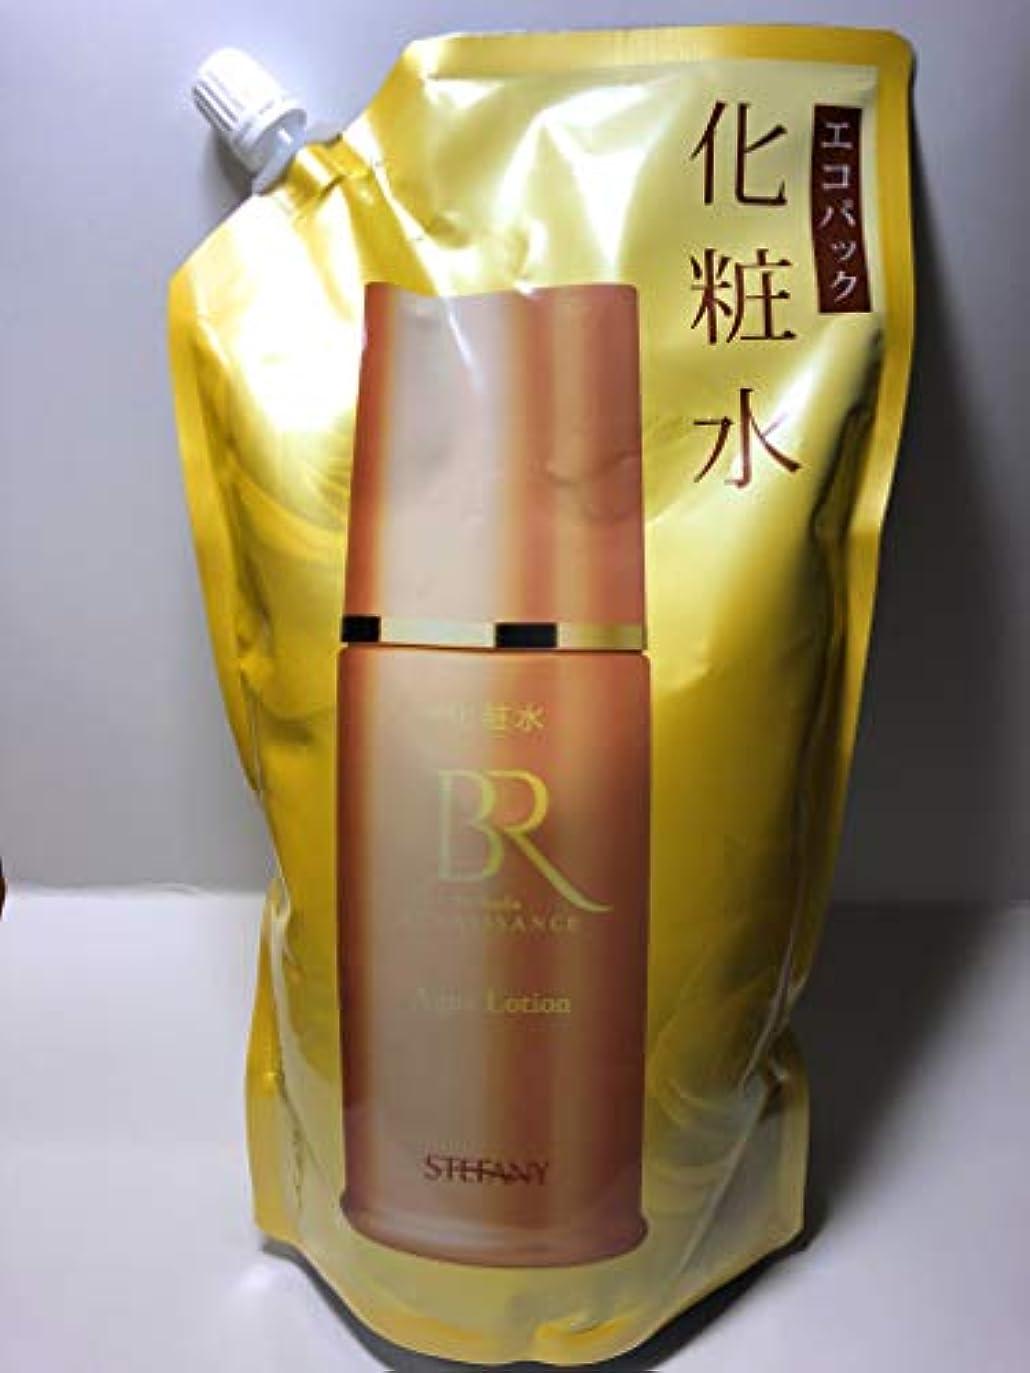 ピクニック通知典型的なステファニー化粧品 美肌ルネッサンス アクアローション エコパック 732ml